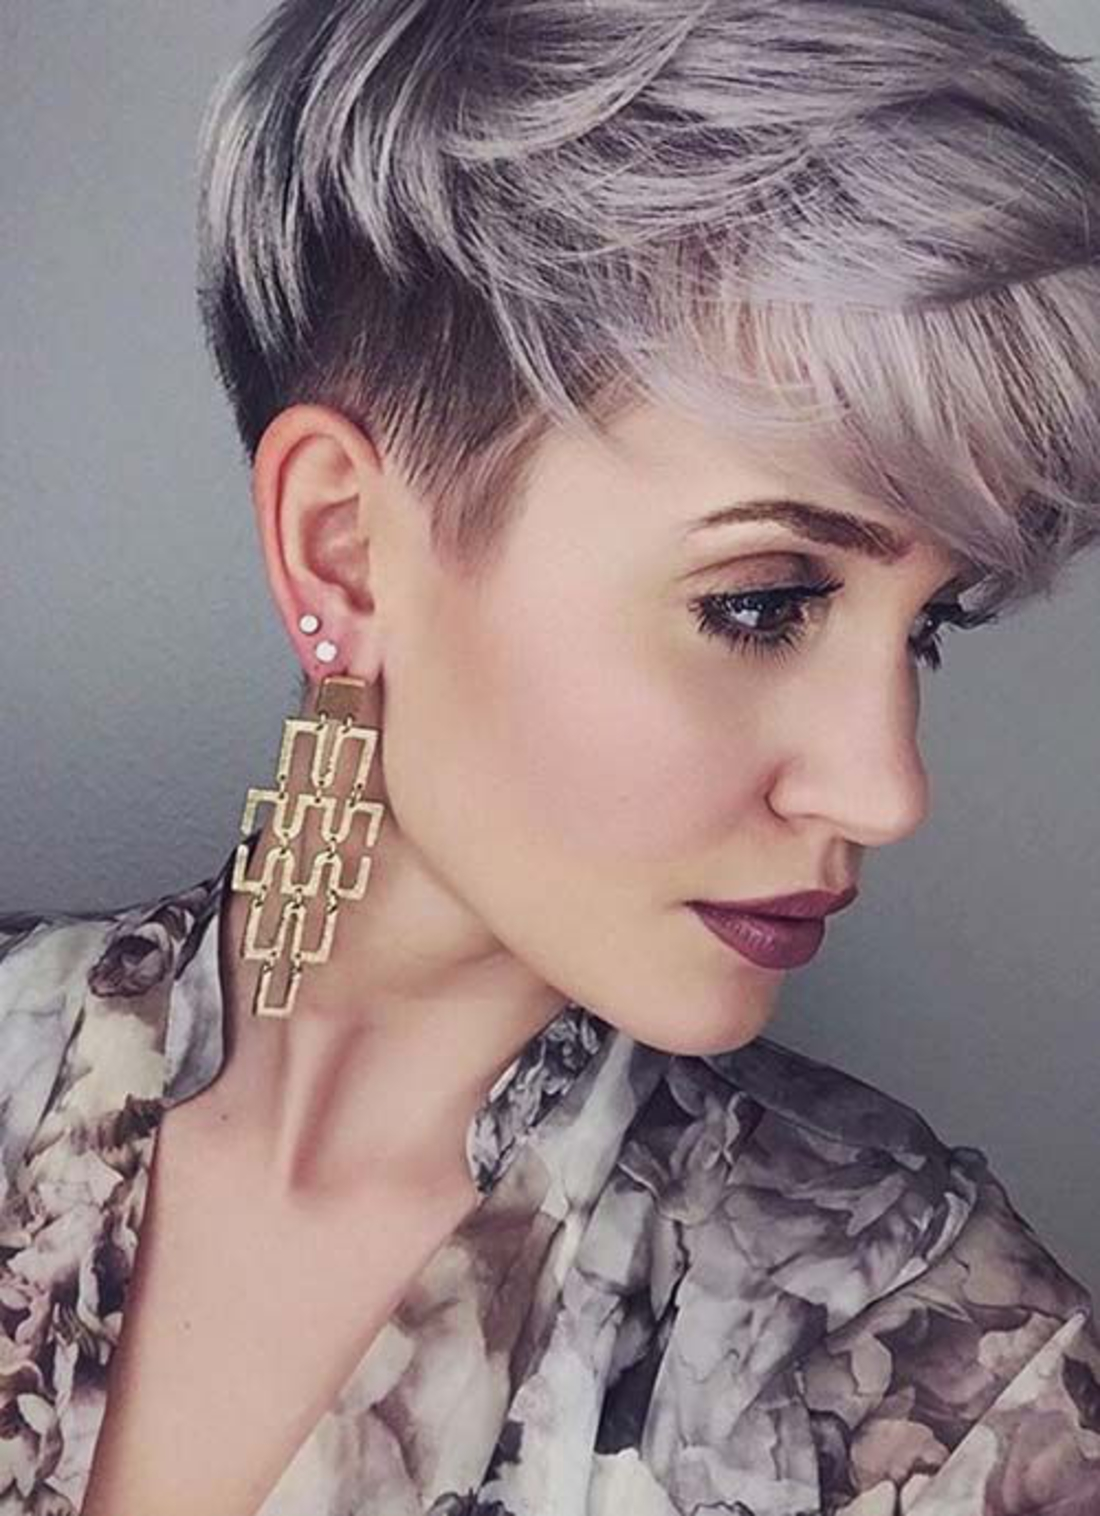 lila und schwarzes Kurzhaar Undercut schöne geometrische Ohrringe, roter Lippenstift